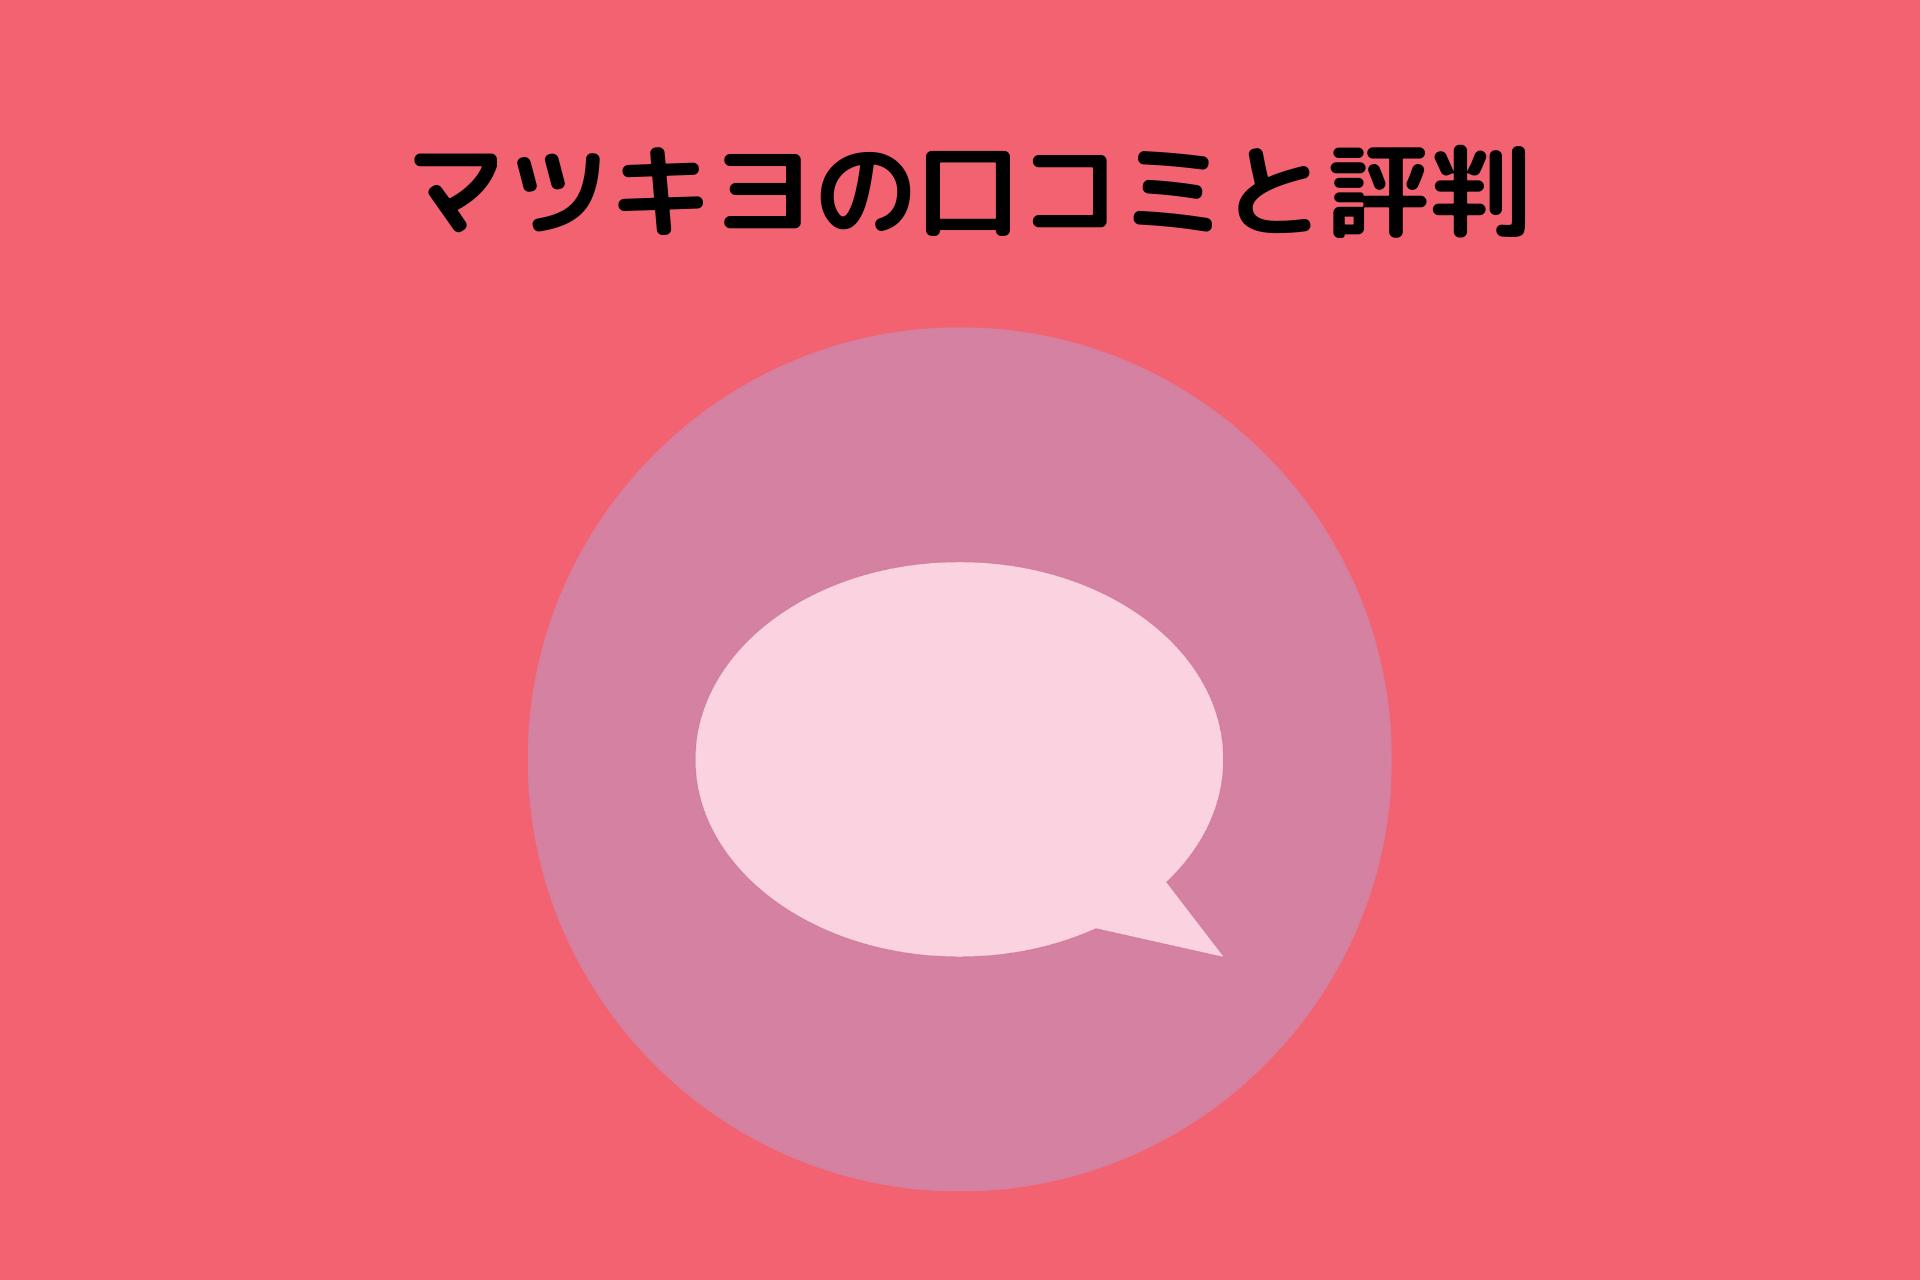 マツキヨの口コミと評判